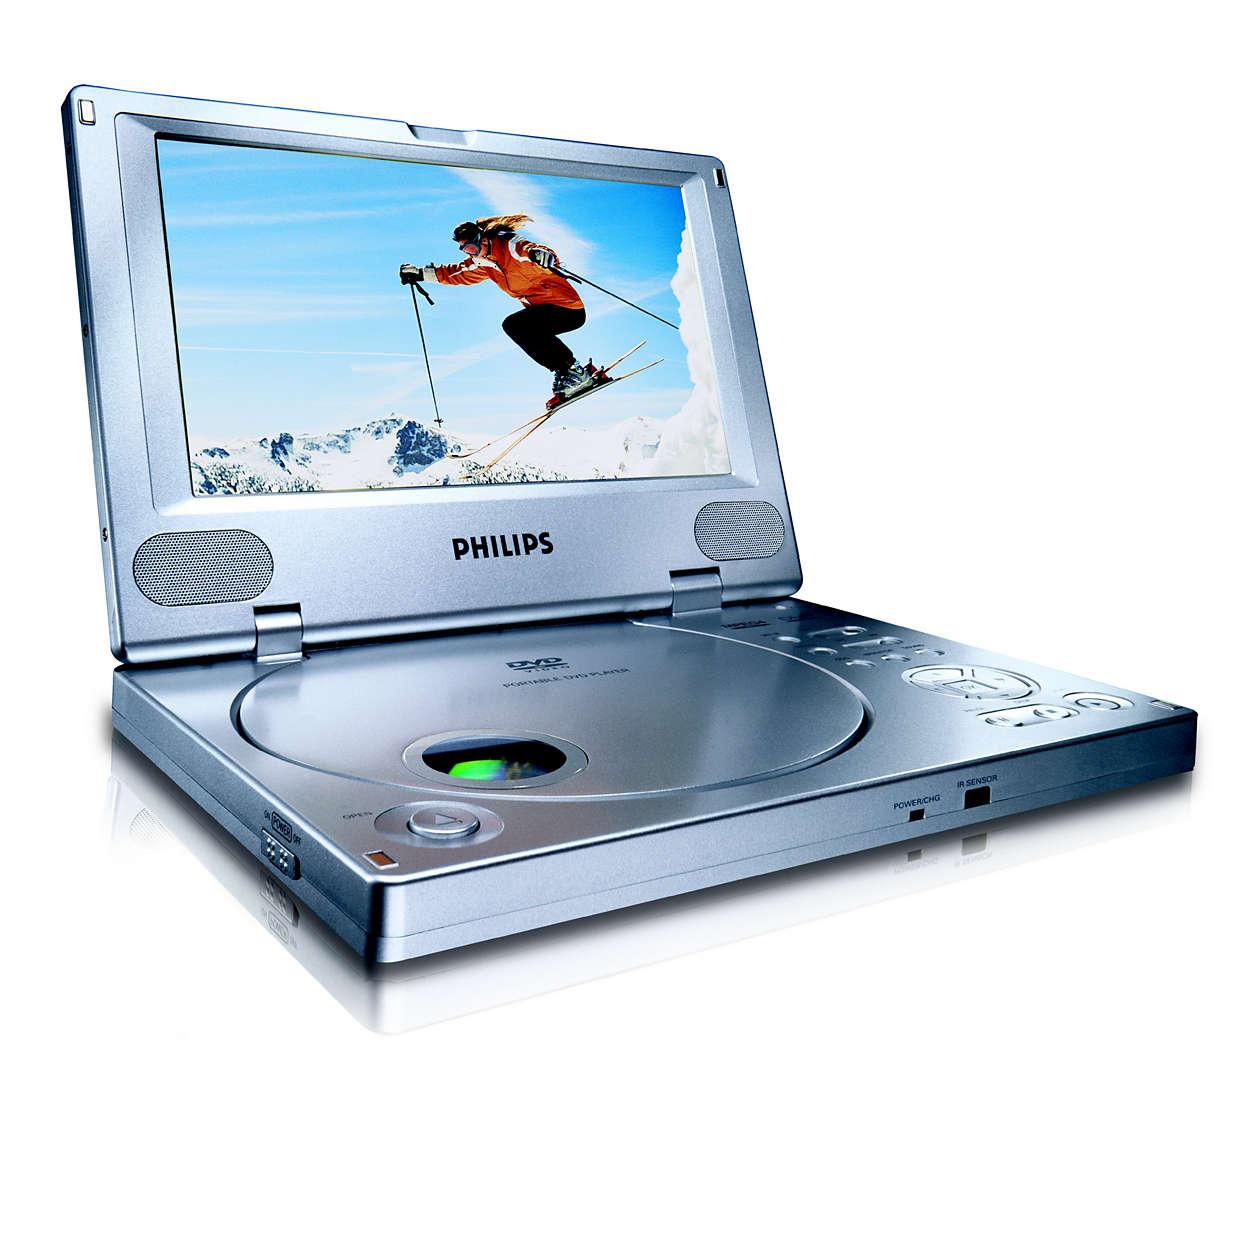 Élvezze útközben a DVD és digitális videofilmeket